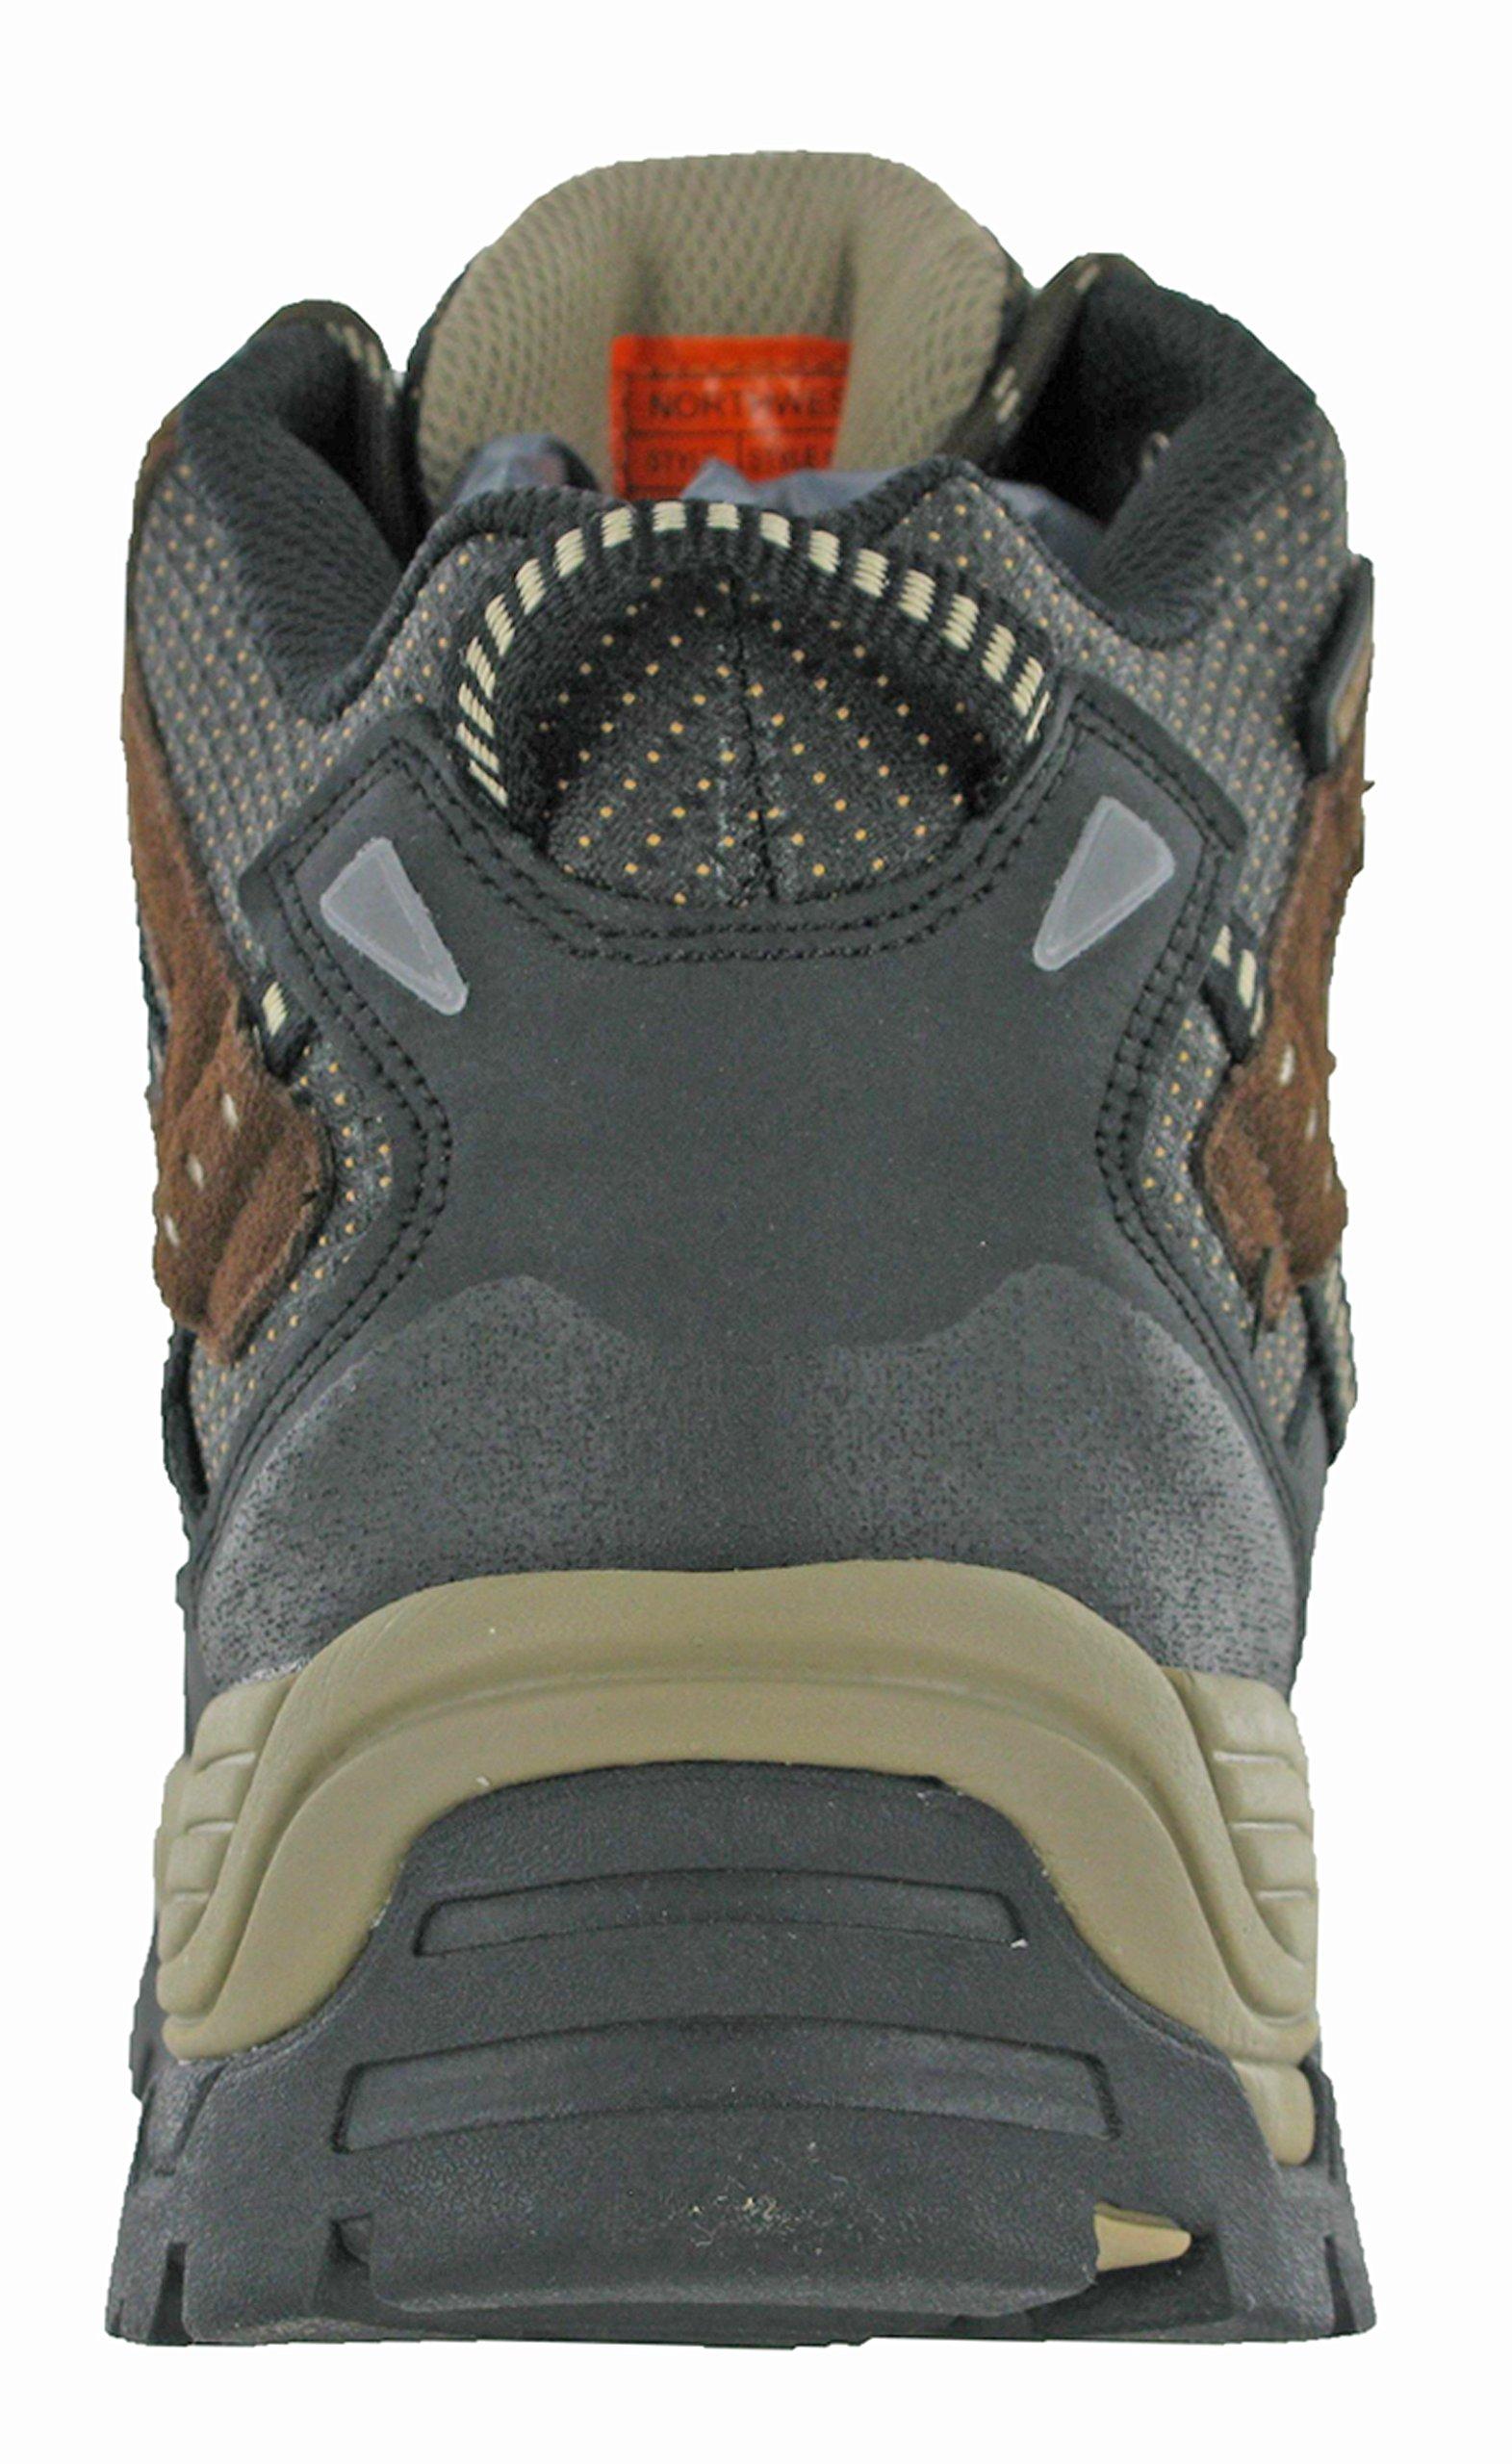 Northwest Mens Piers Hi Cut Brown/Beige Ankle Walking Boots 5